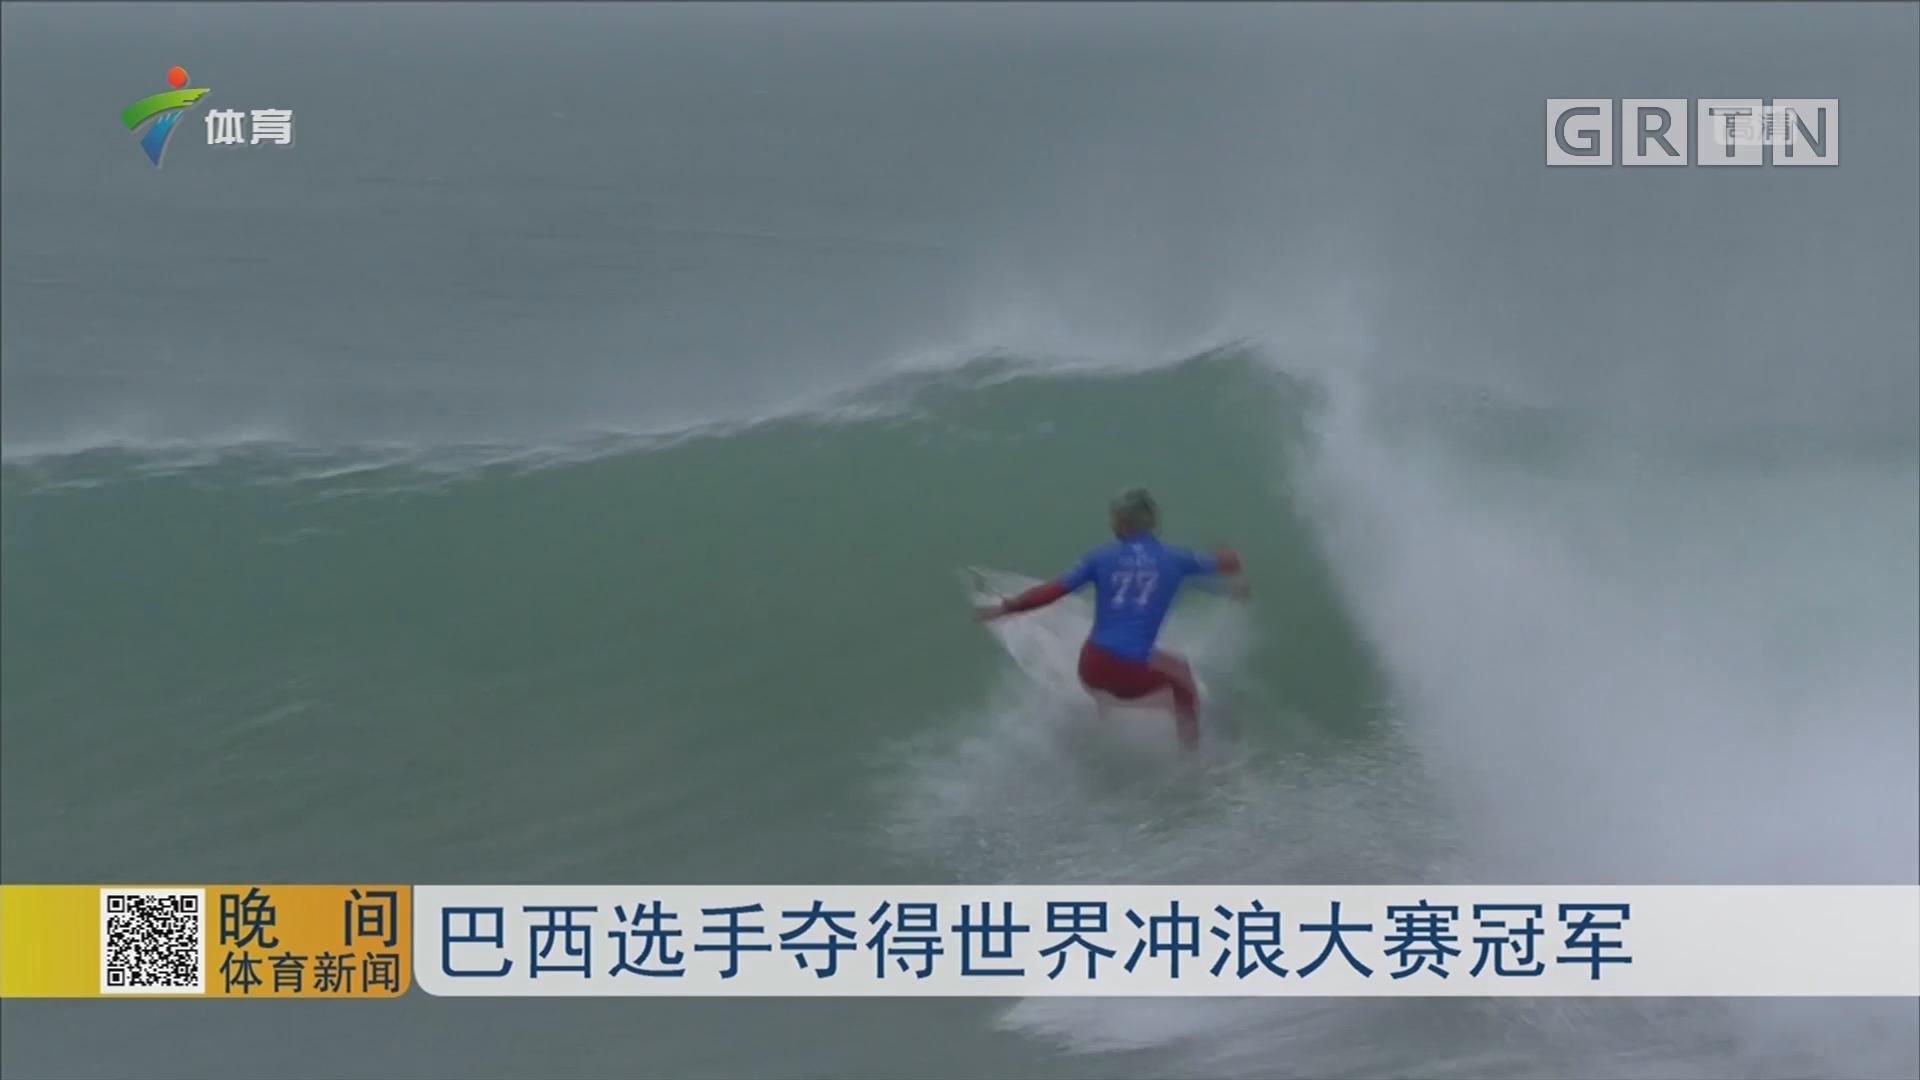 巴西选手夺得世界冲浪大赛冠军